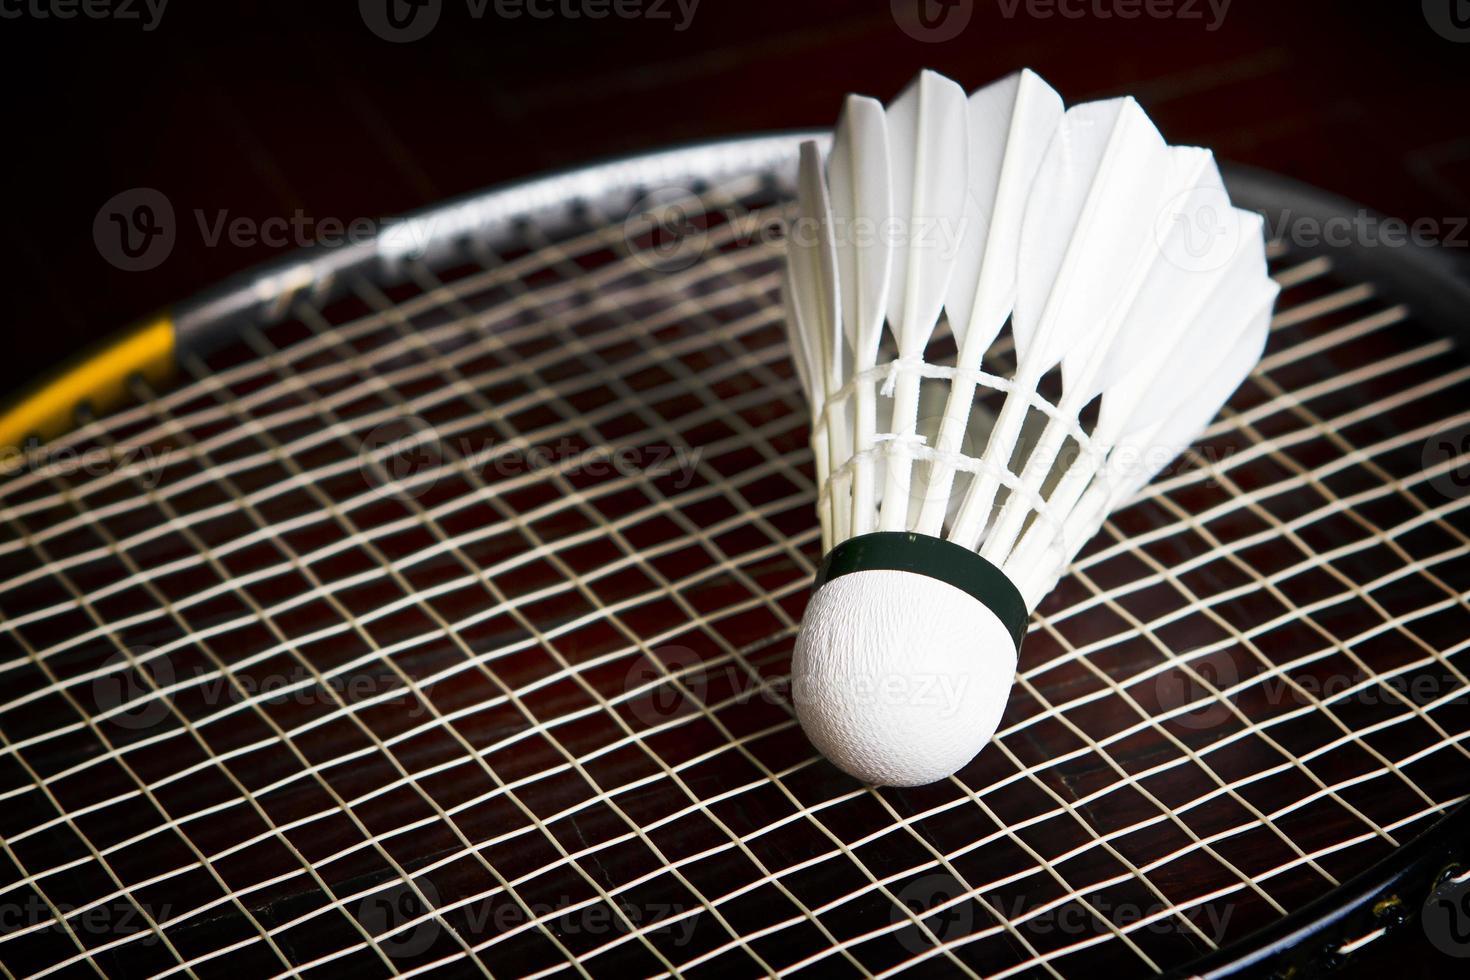 shuttle op badmintonracket. foto